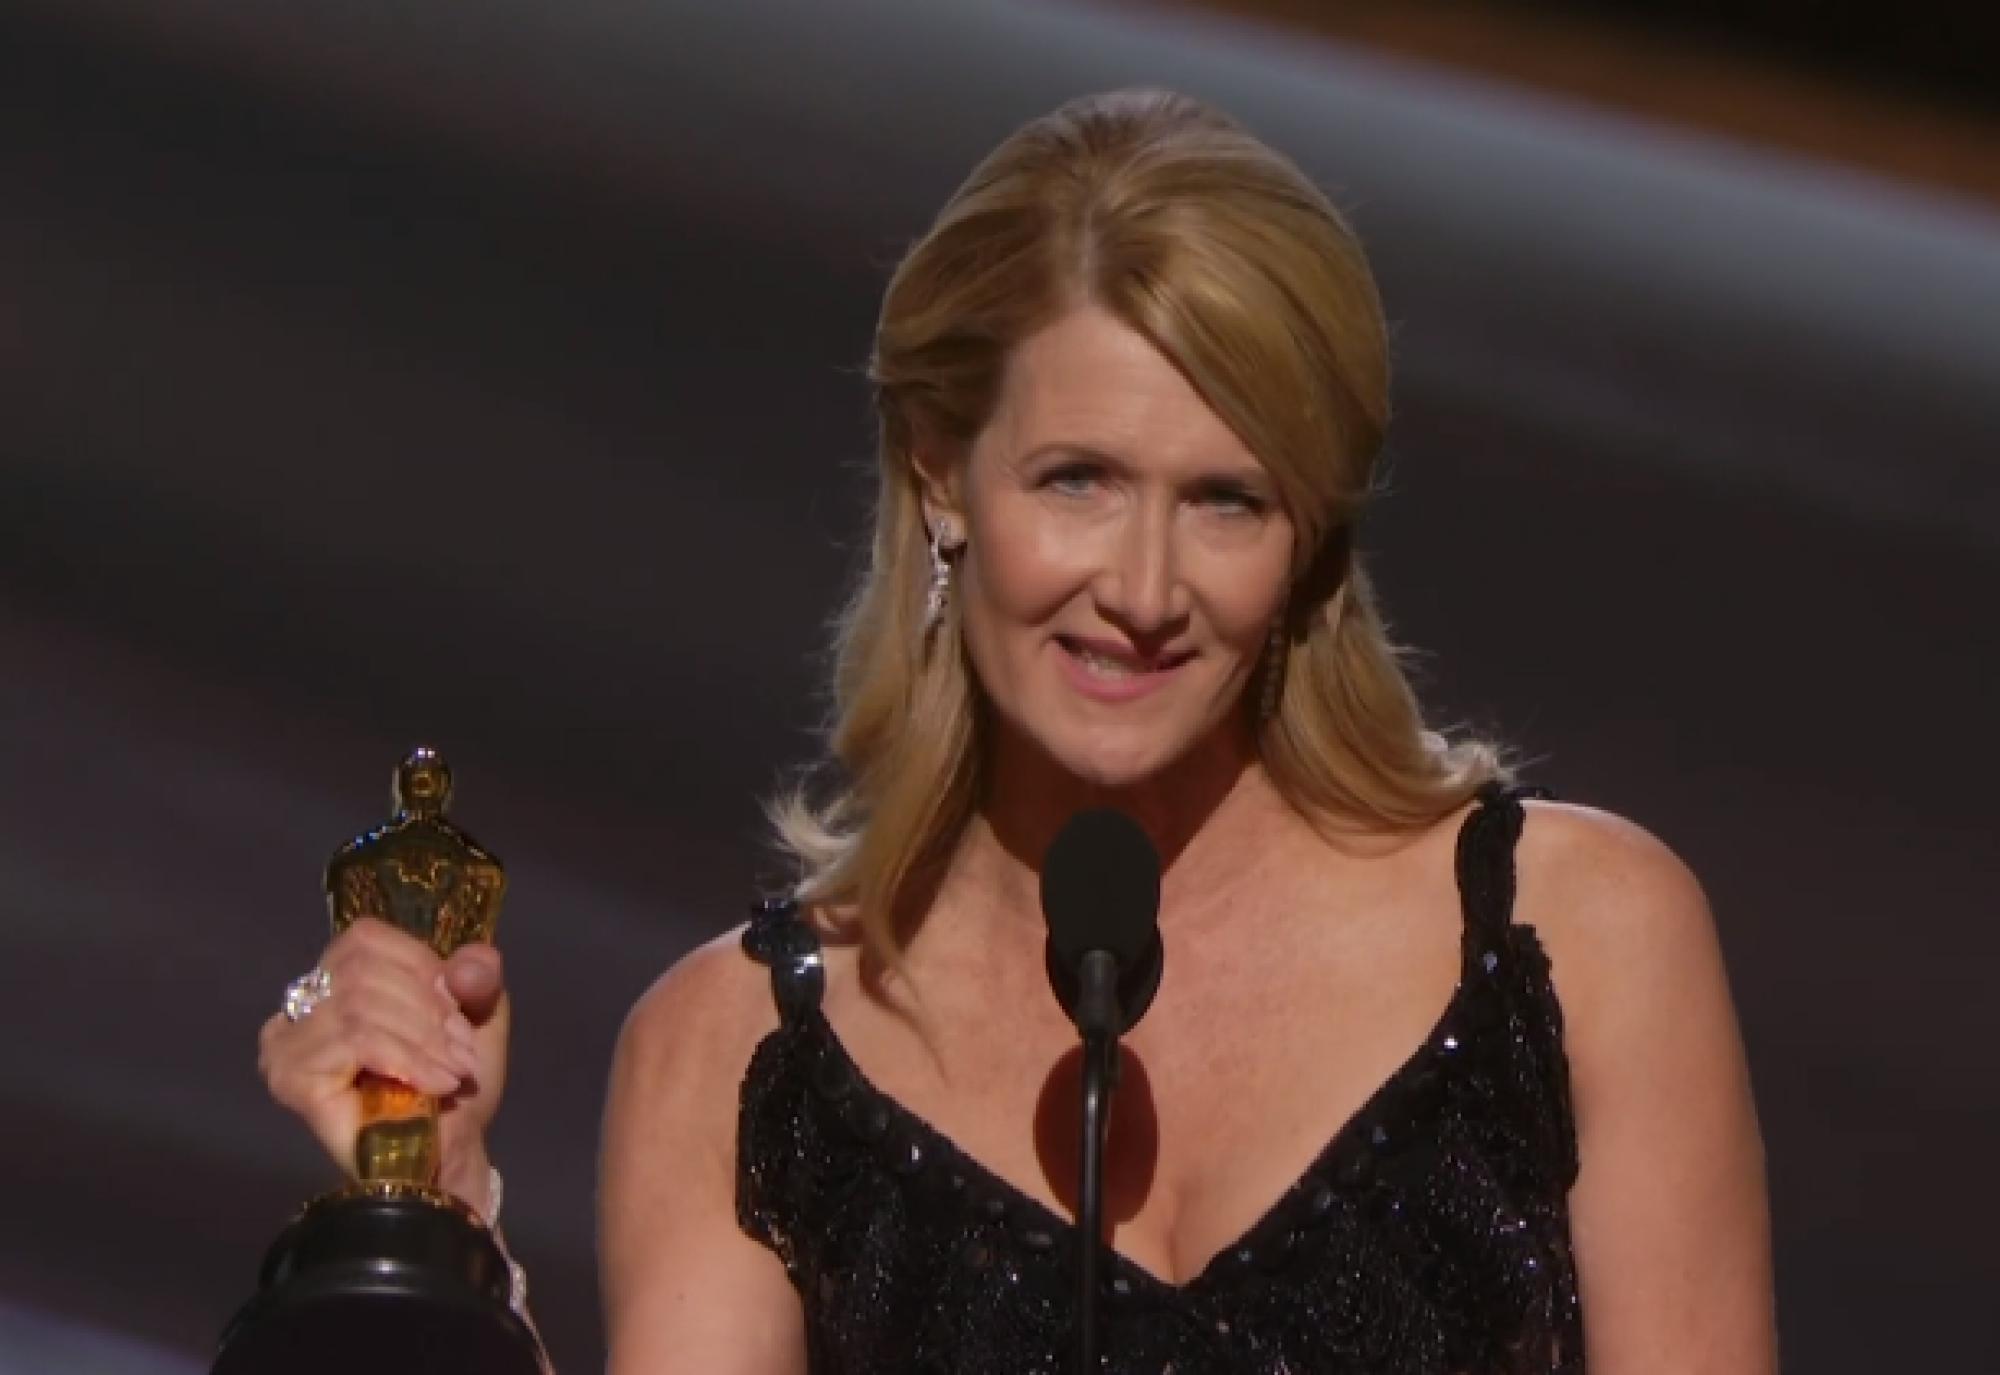 Лора Дёрн – триумфатор церемонии «Оскар» в номинации «Лучшая женская роль второго плана»